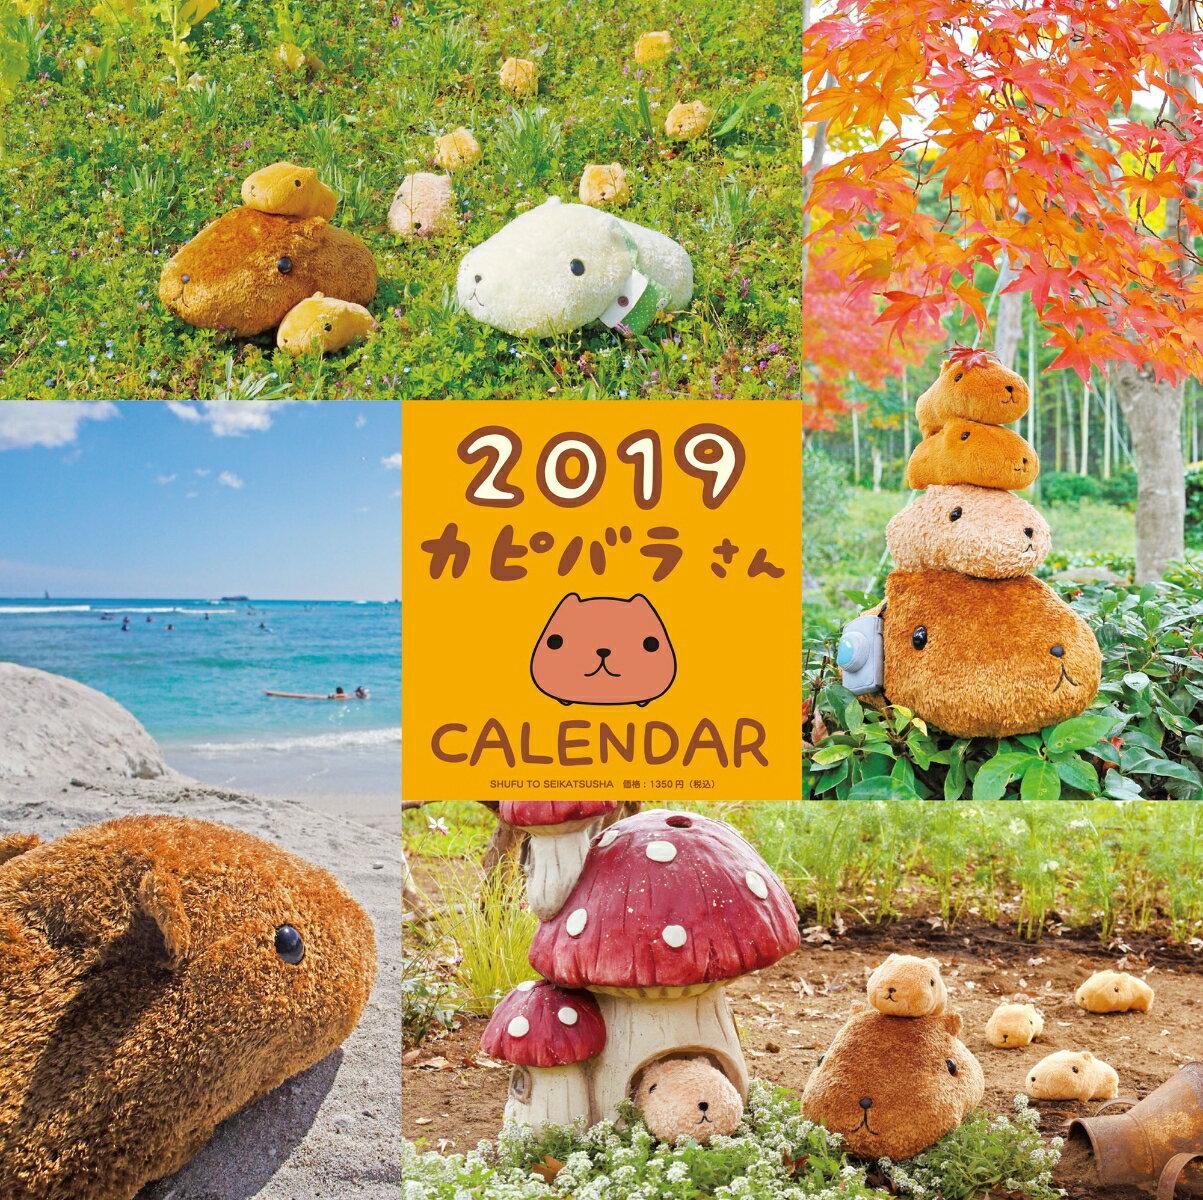 2019 カピバラさん 壁かけカレンダー [ 主婦と生活社 ]